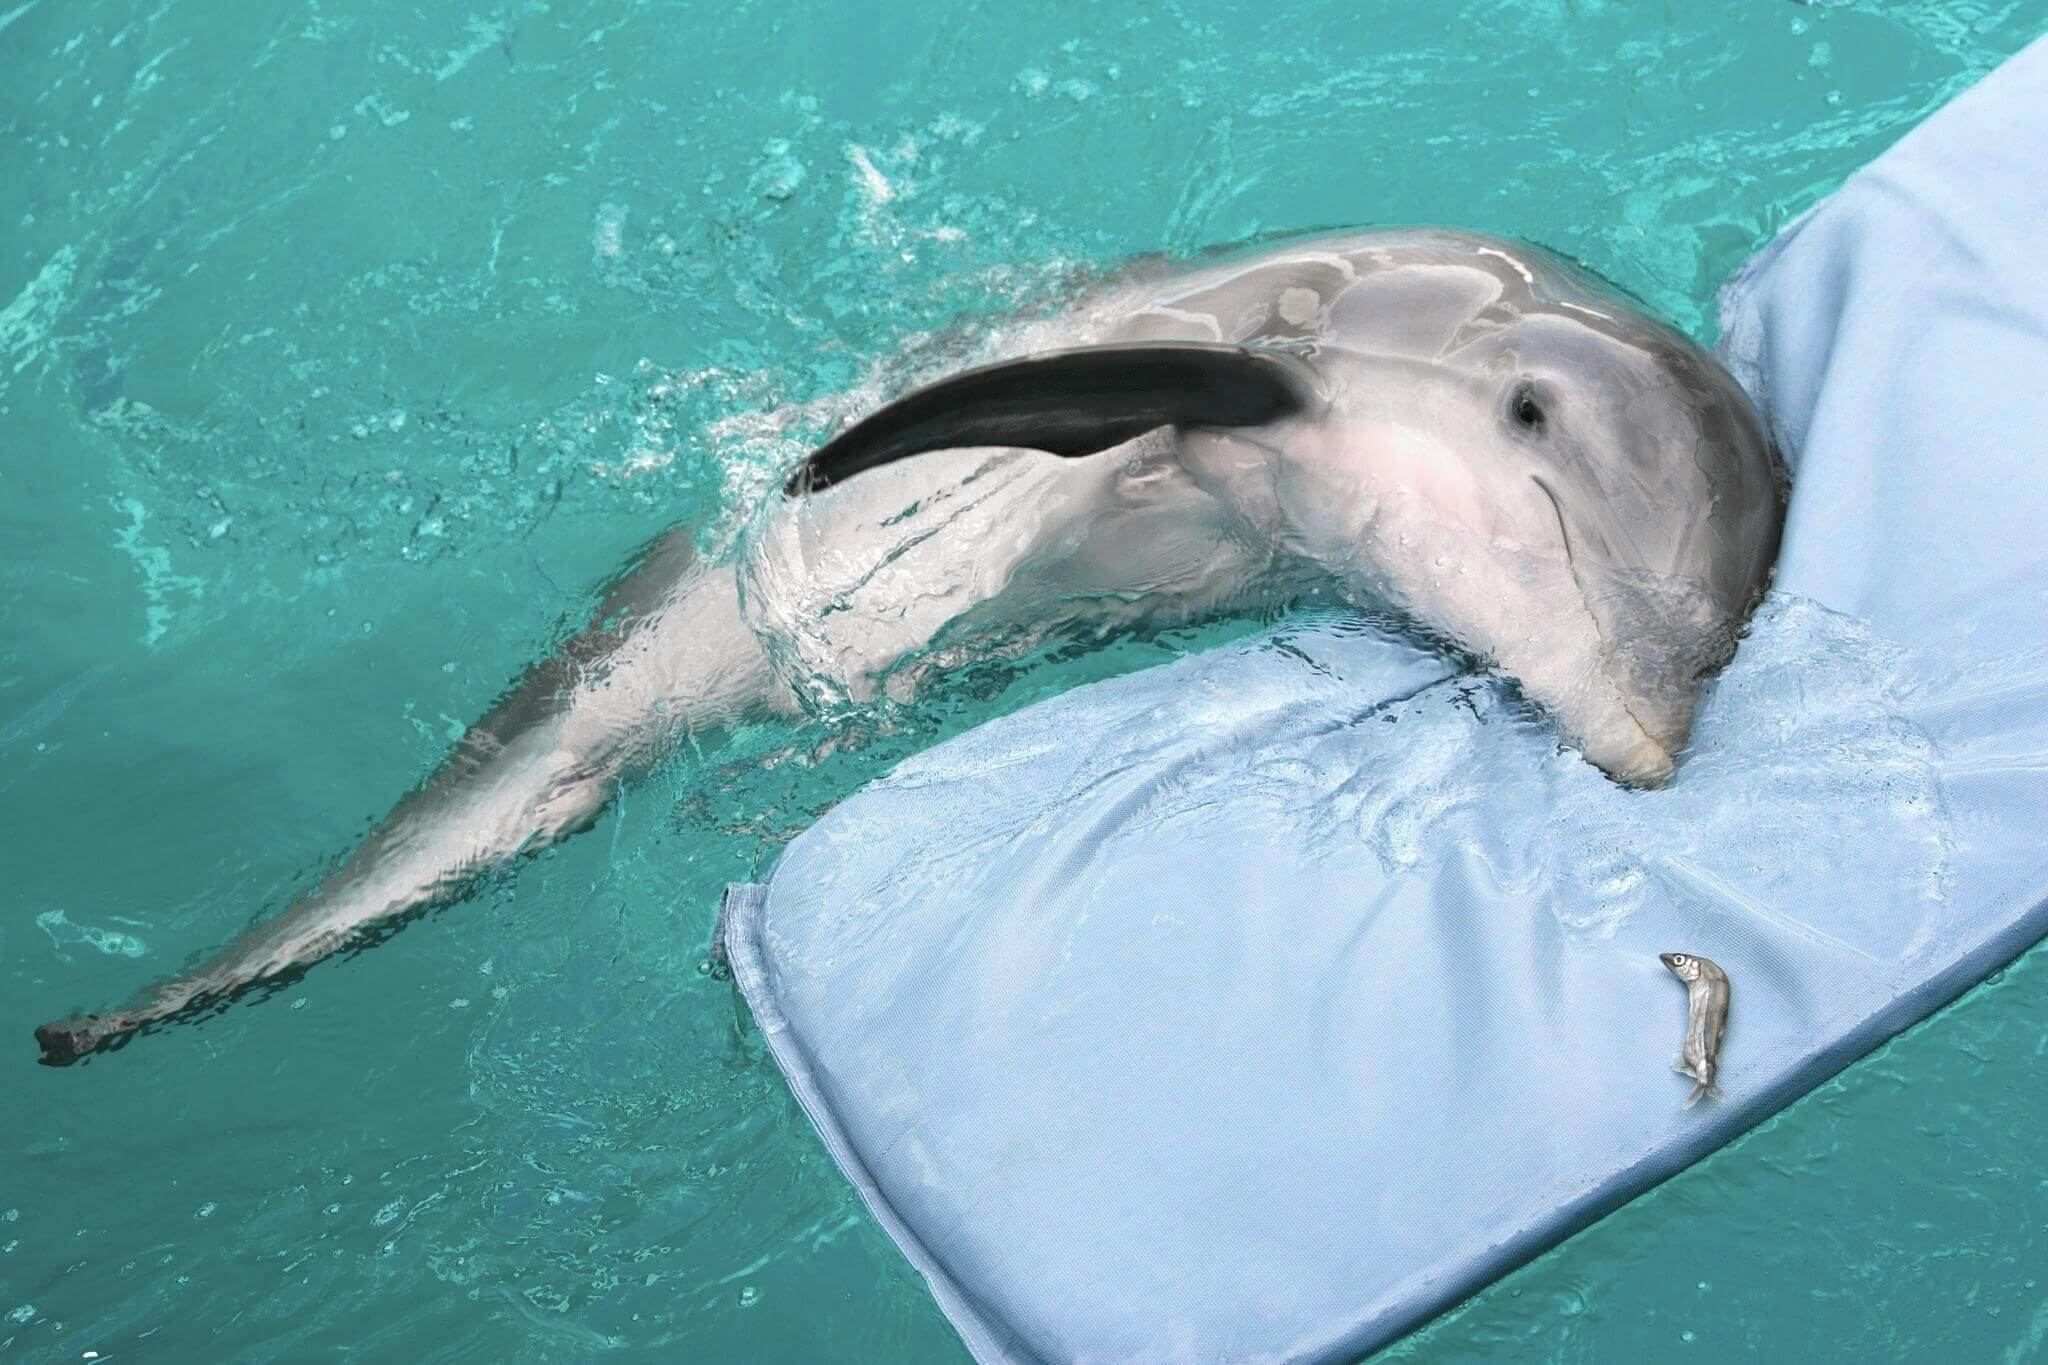 il delfino winter a galla su un materassino